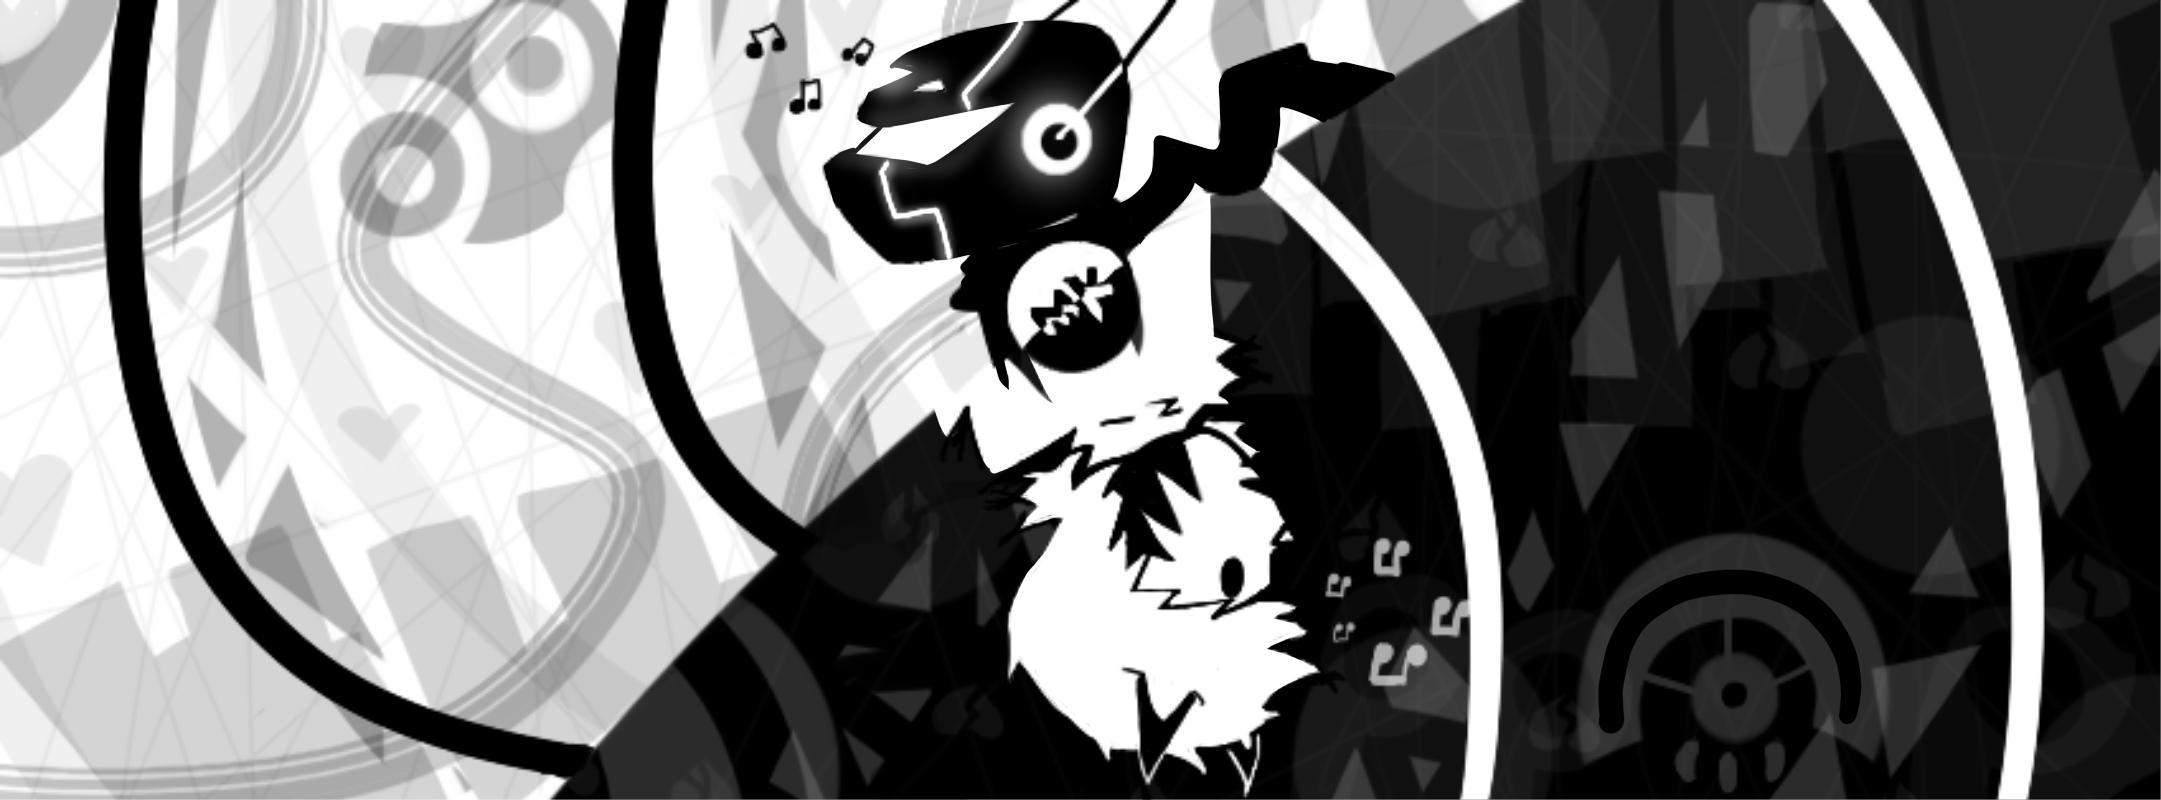 MrKittie Concept Banner